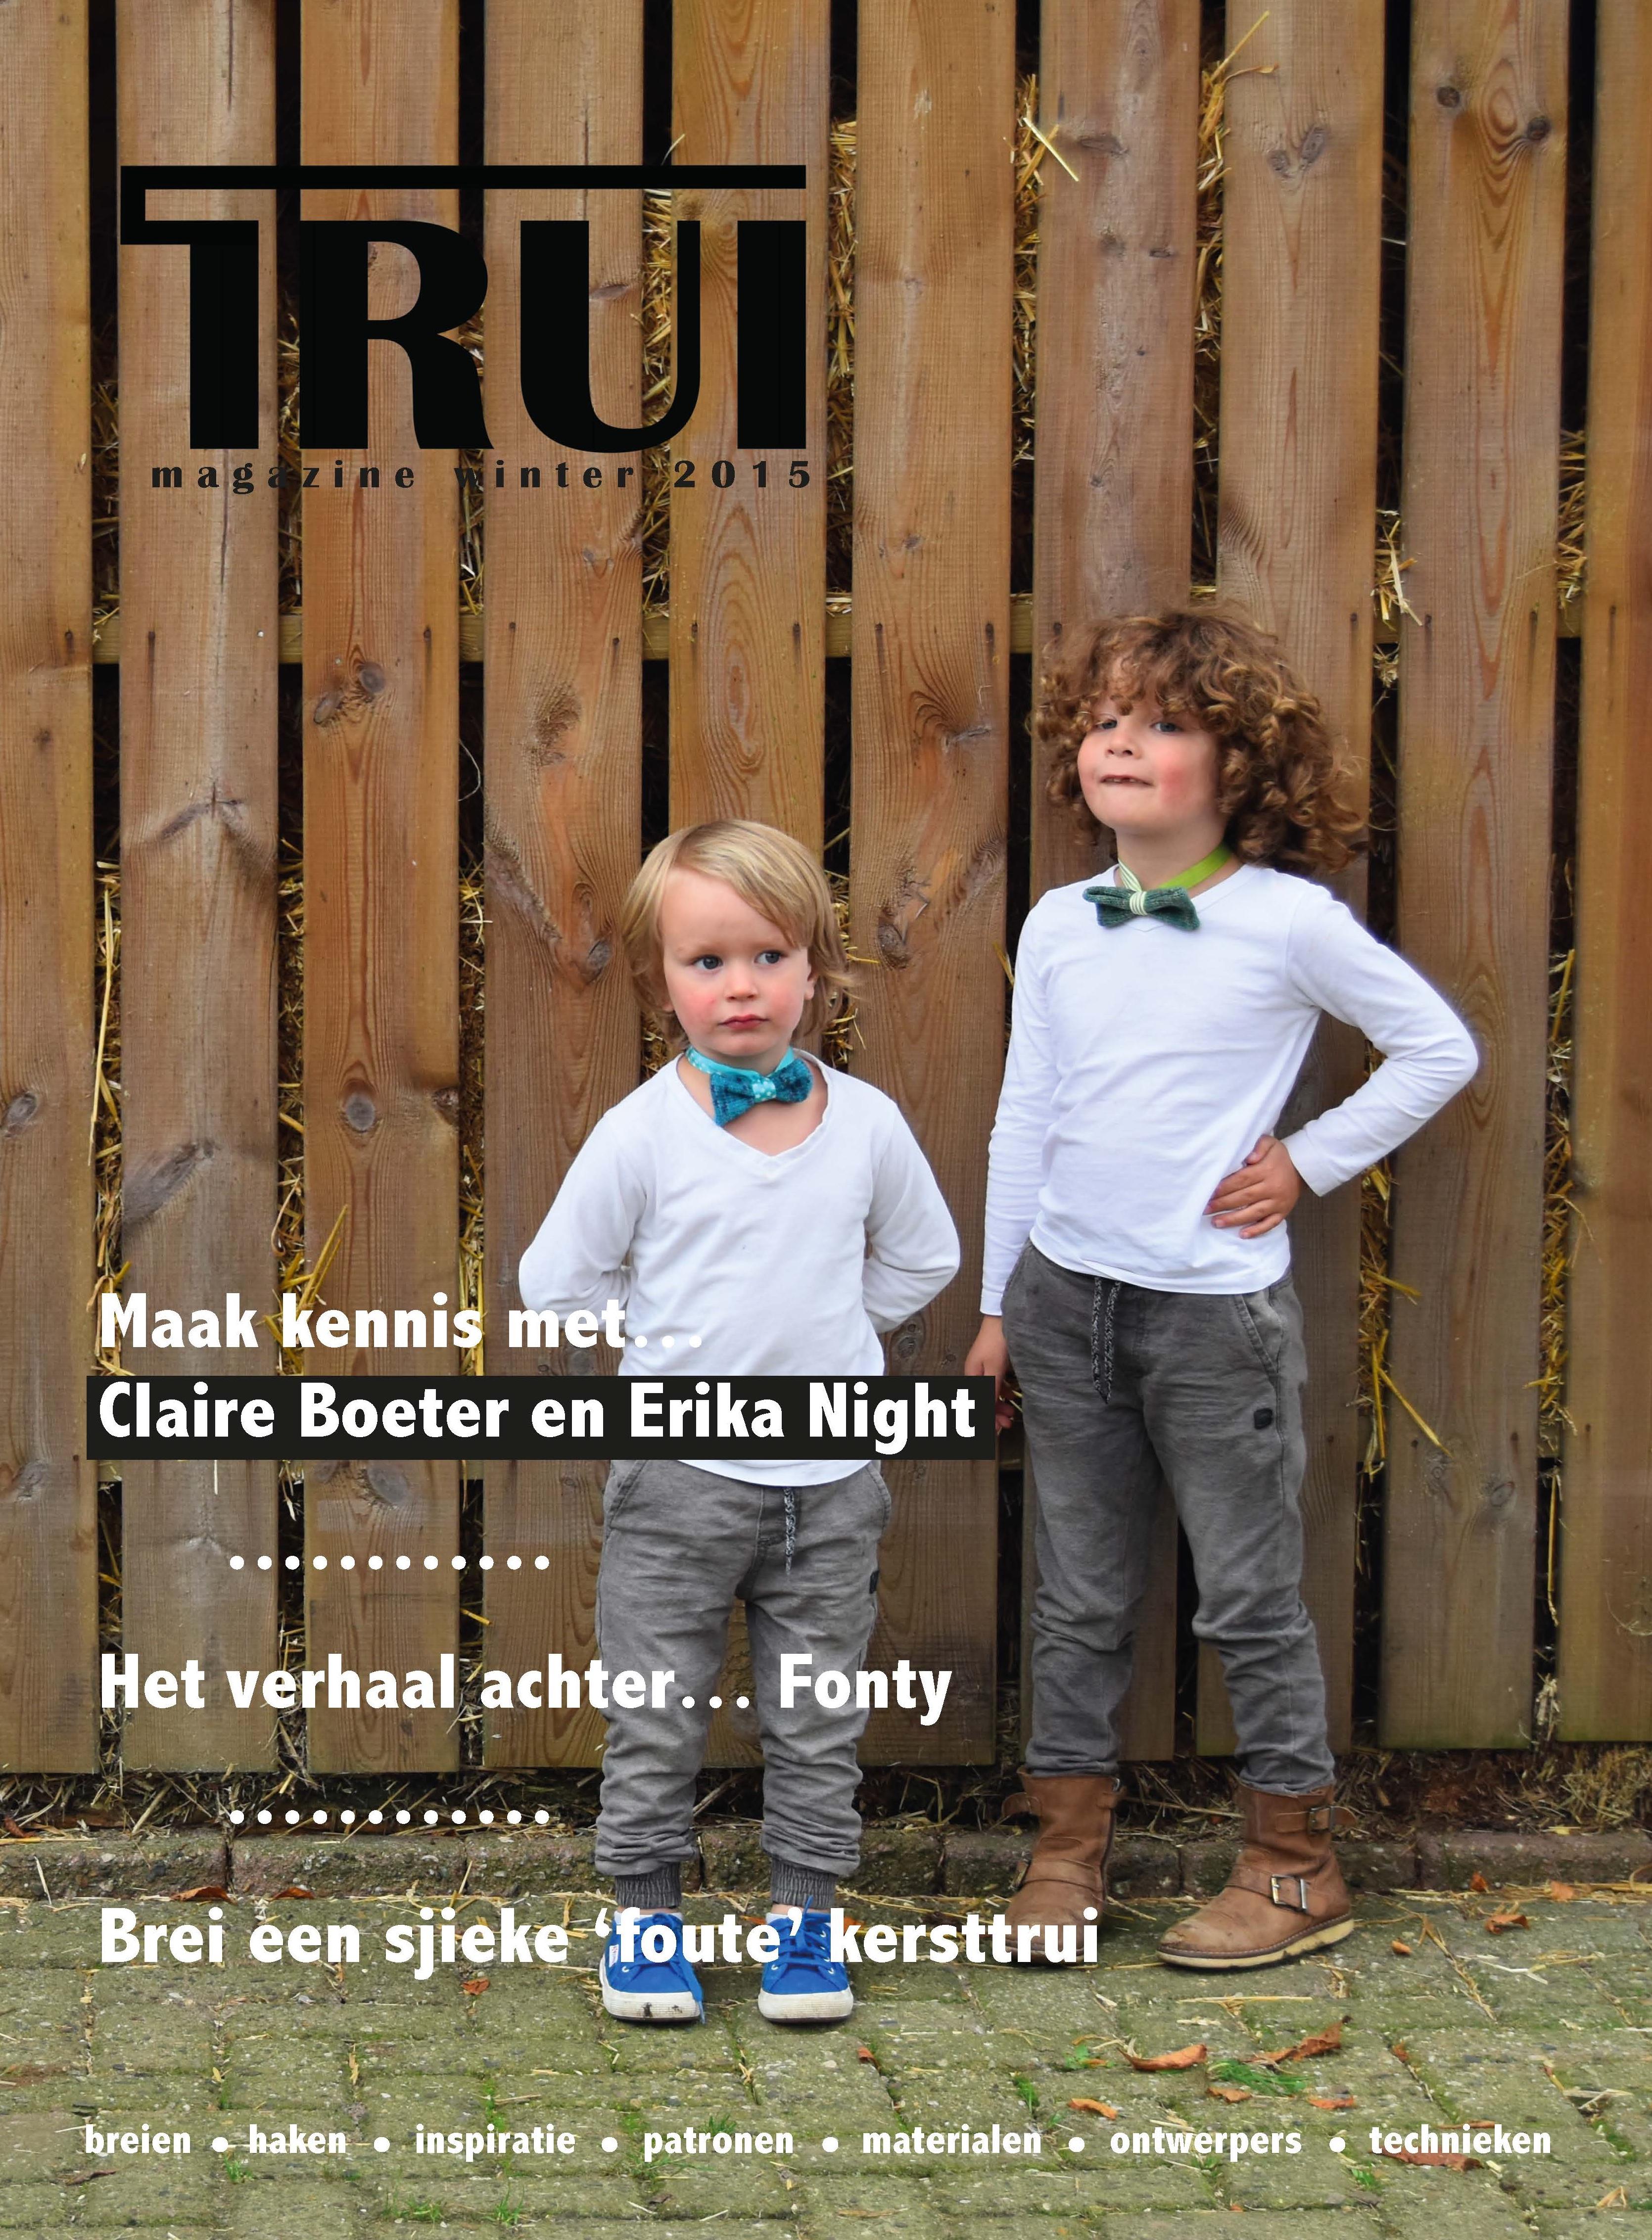 Trui Winter 2015 Trui Magazine